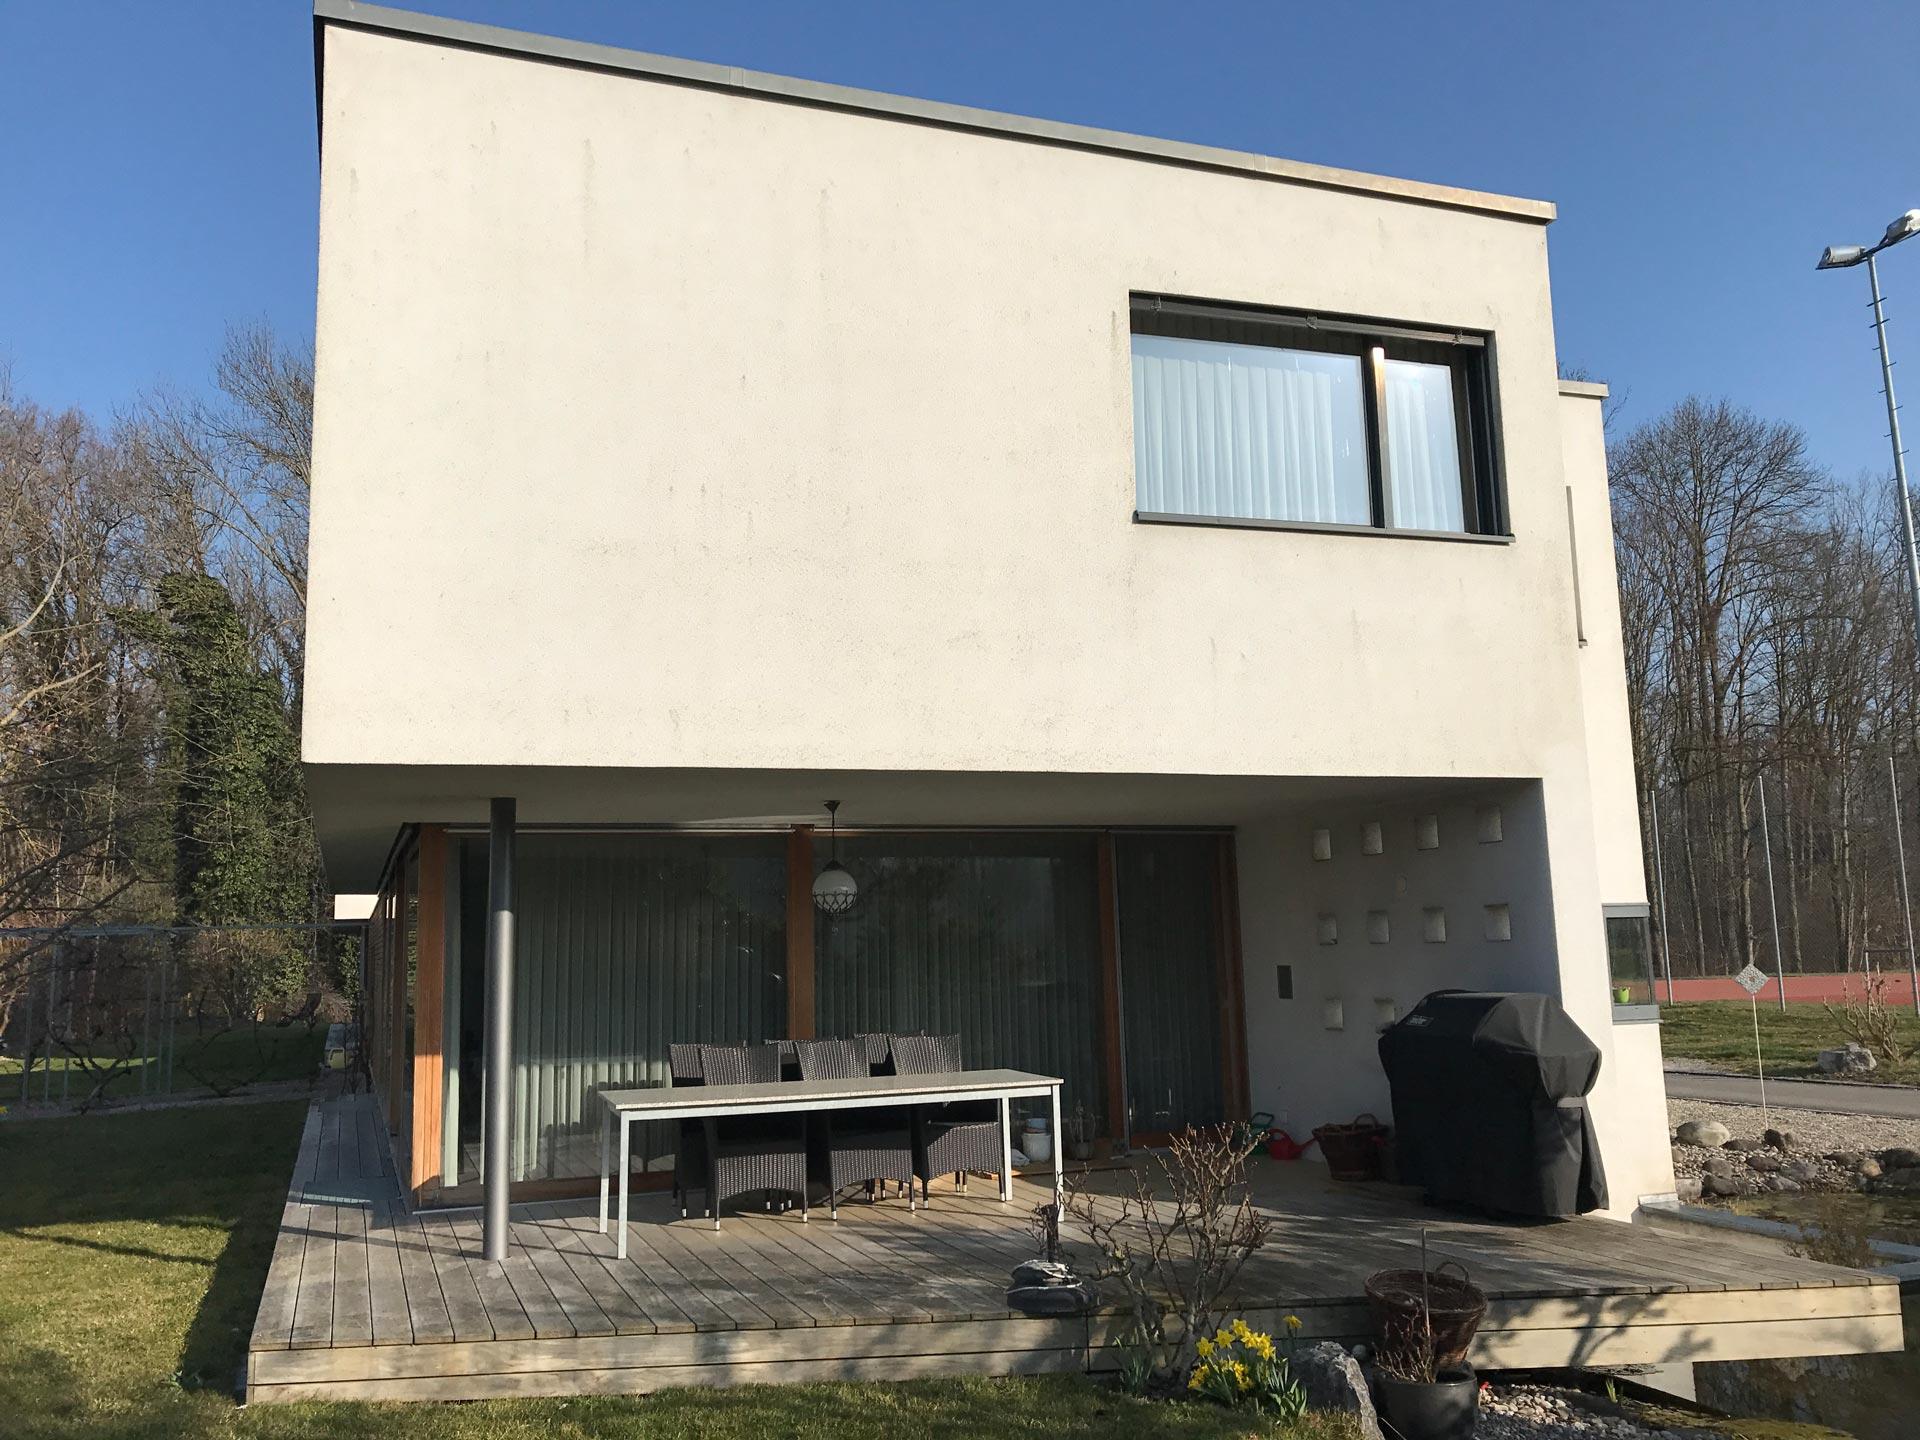 Holzterrassen | Murten | Wagner Maler GmbH